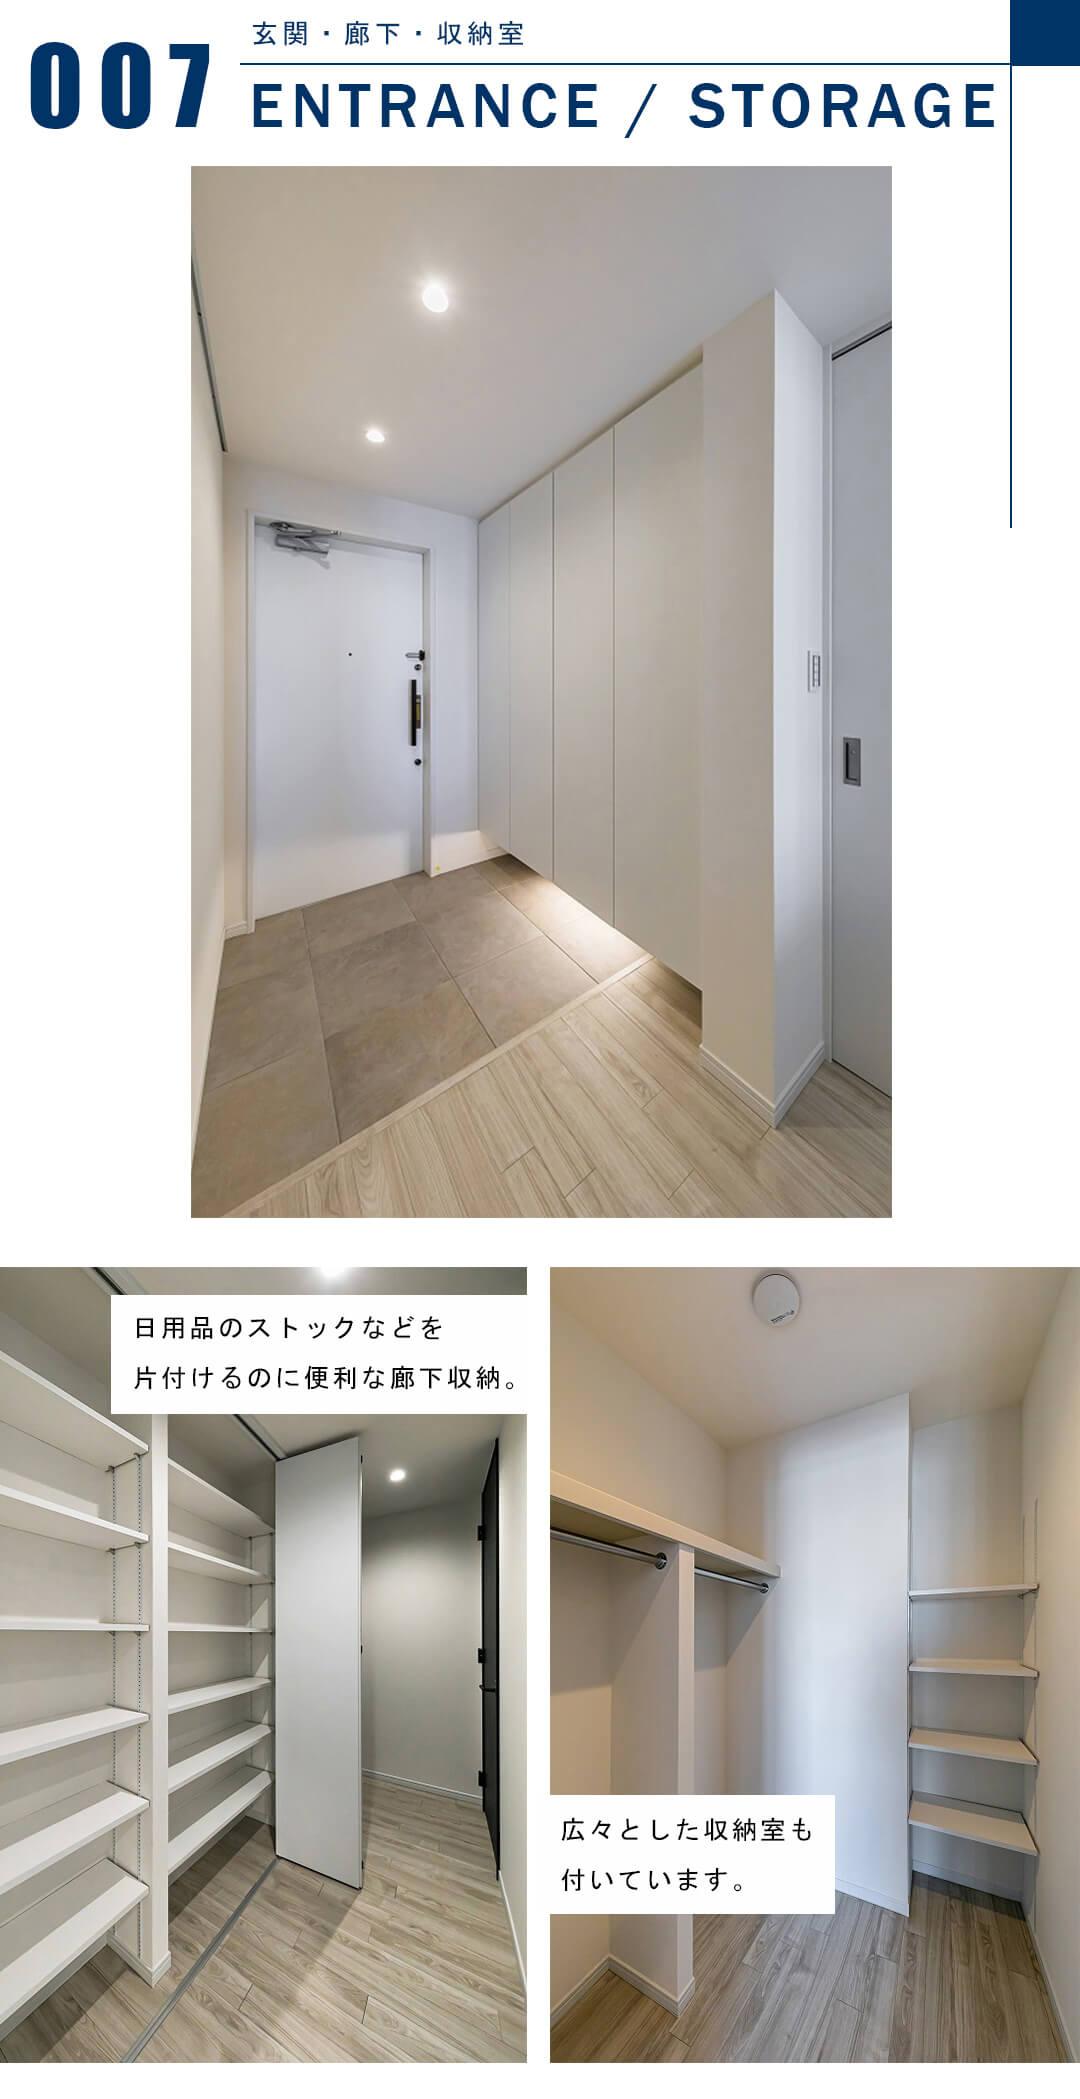 ザ・パークタワー東京サウスの玄関と廊下と収納室